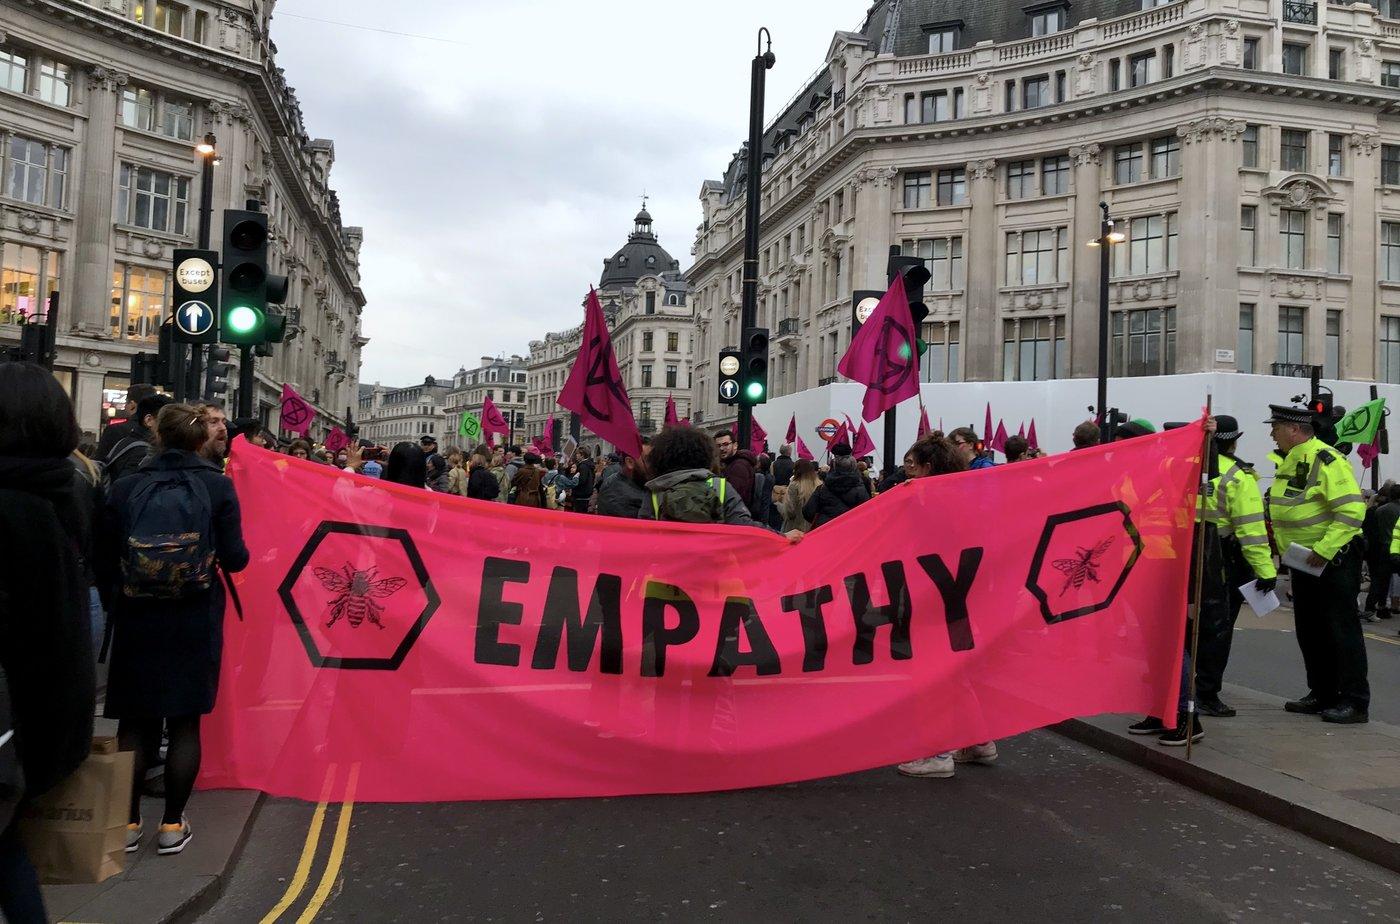 Empathy_image